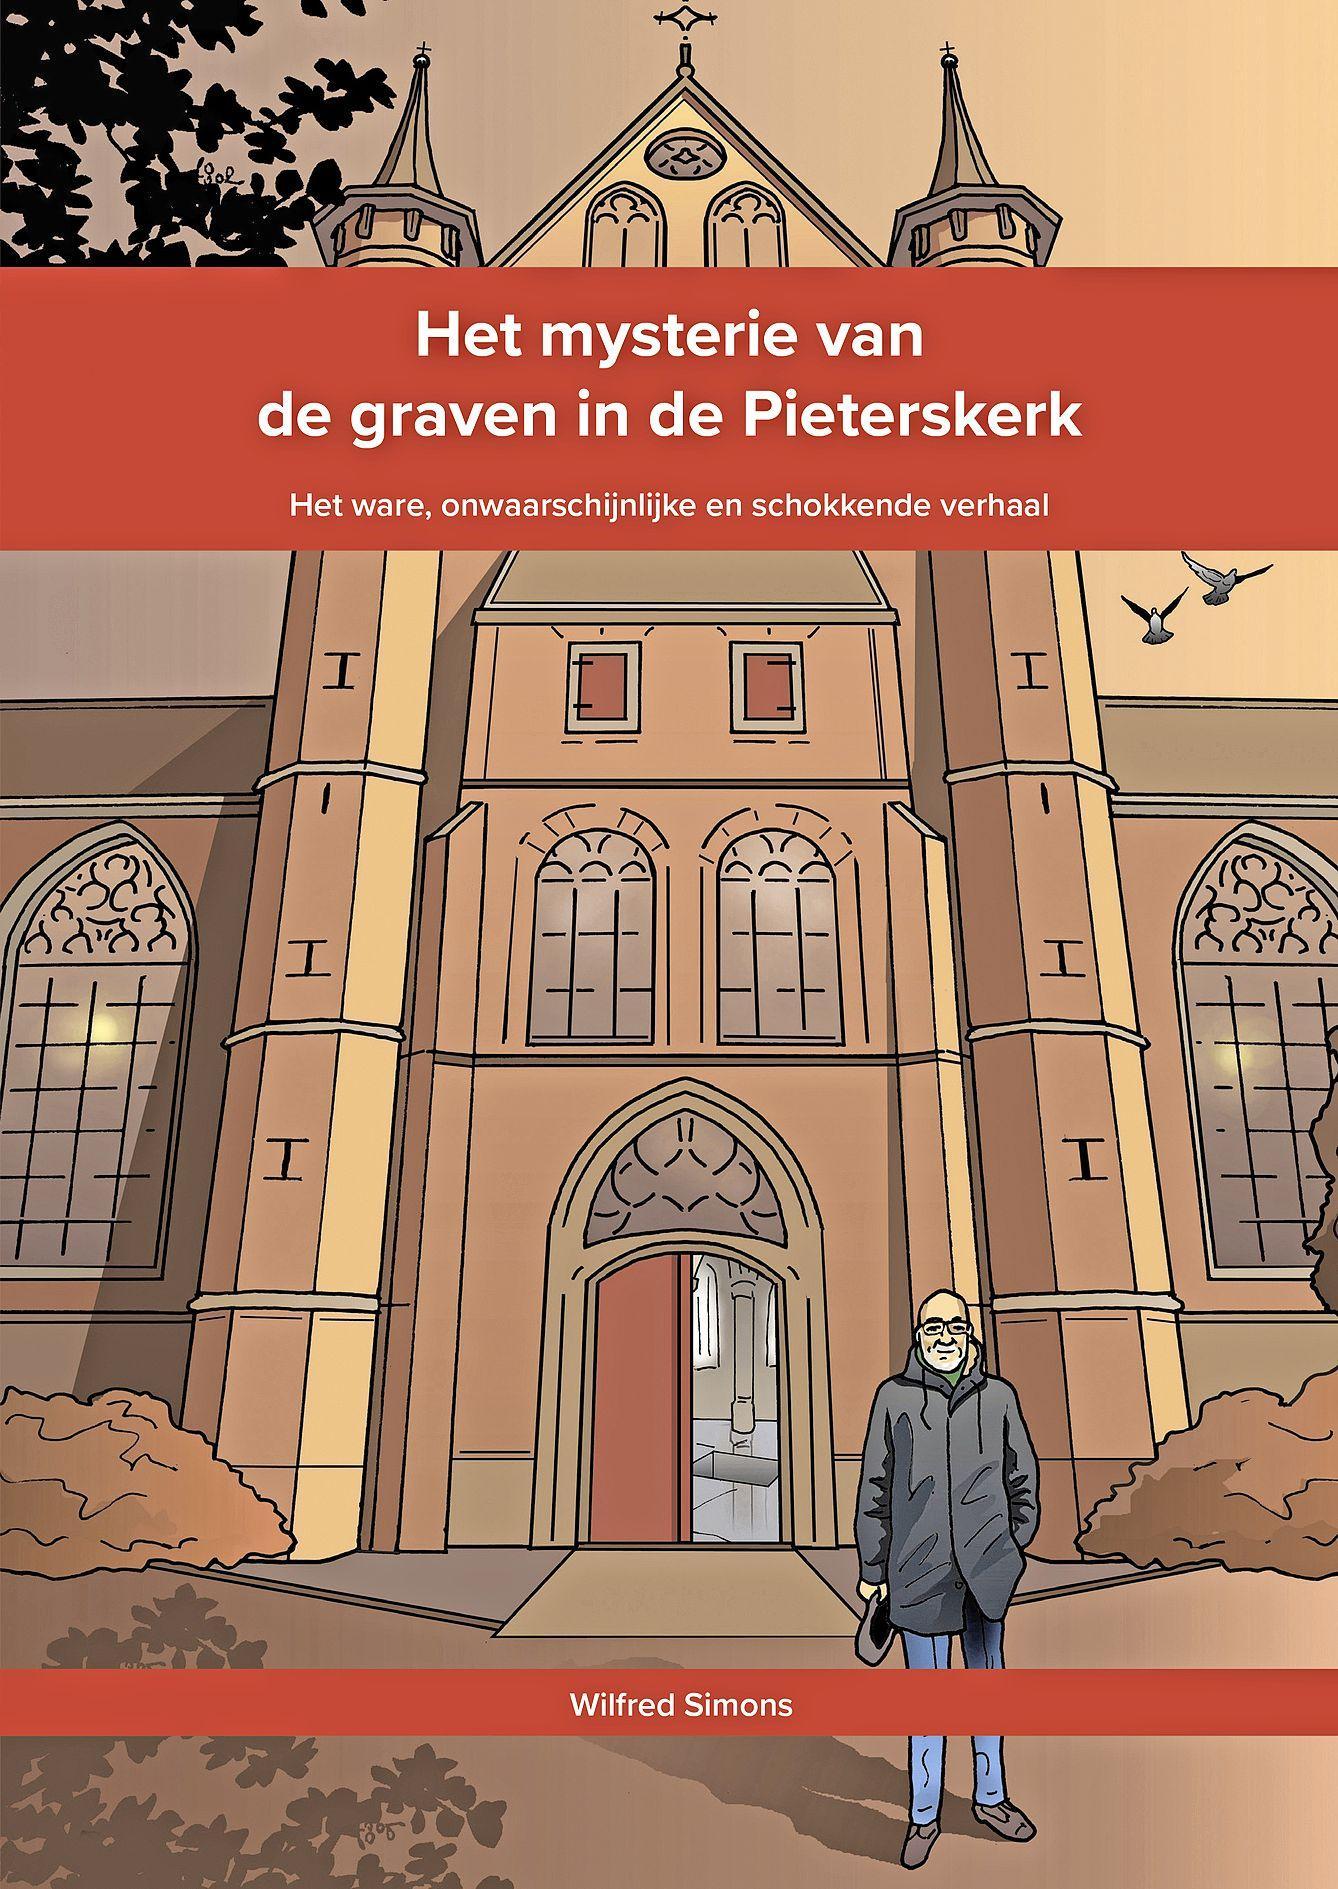 Drukkerij Ginkgo geeft voor Tegel genomineerd LD-artikel 'Mysterie van de Pieterskerk' uit